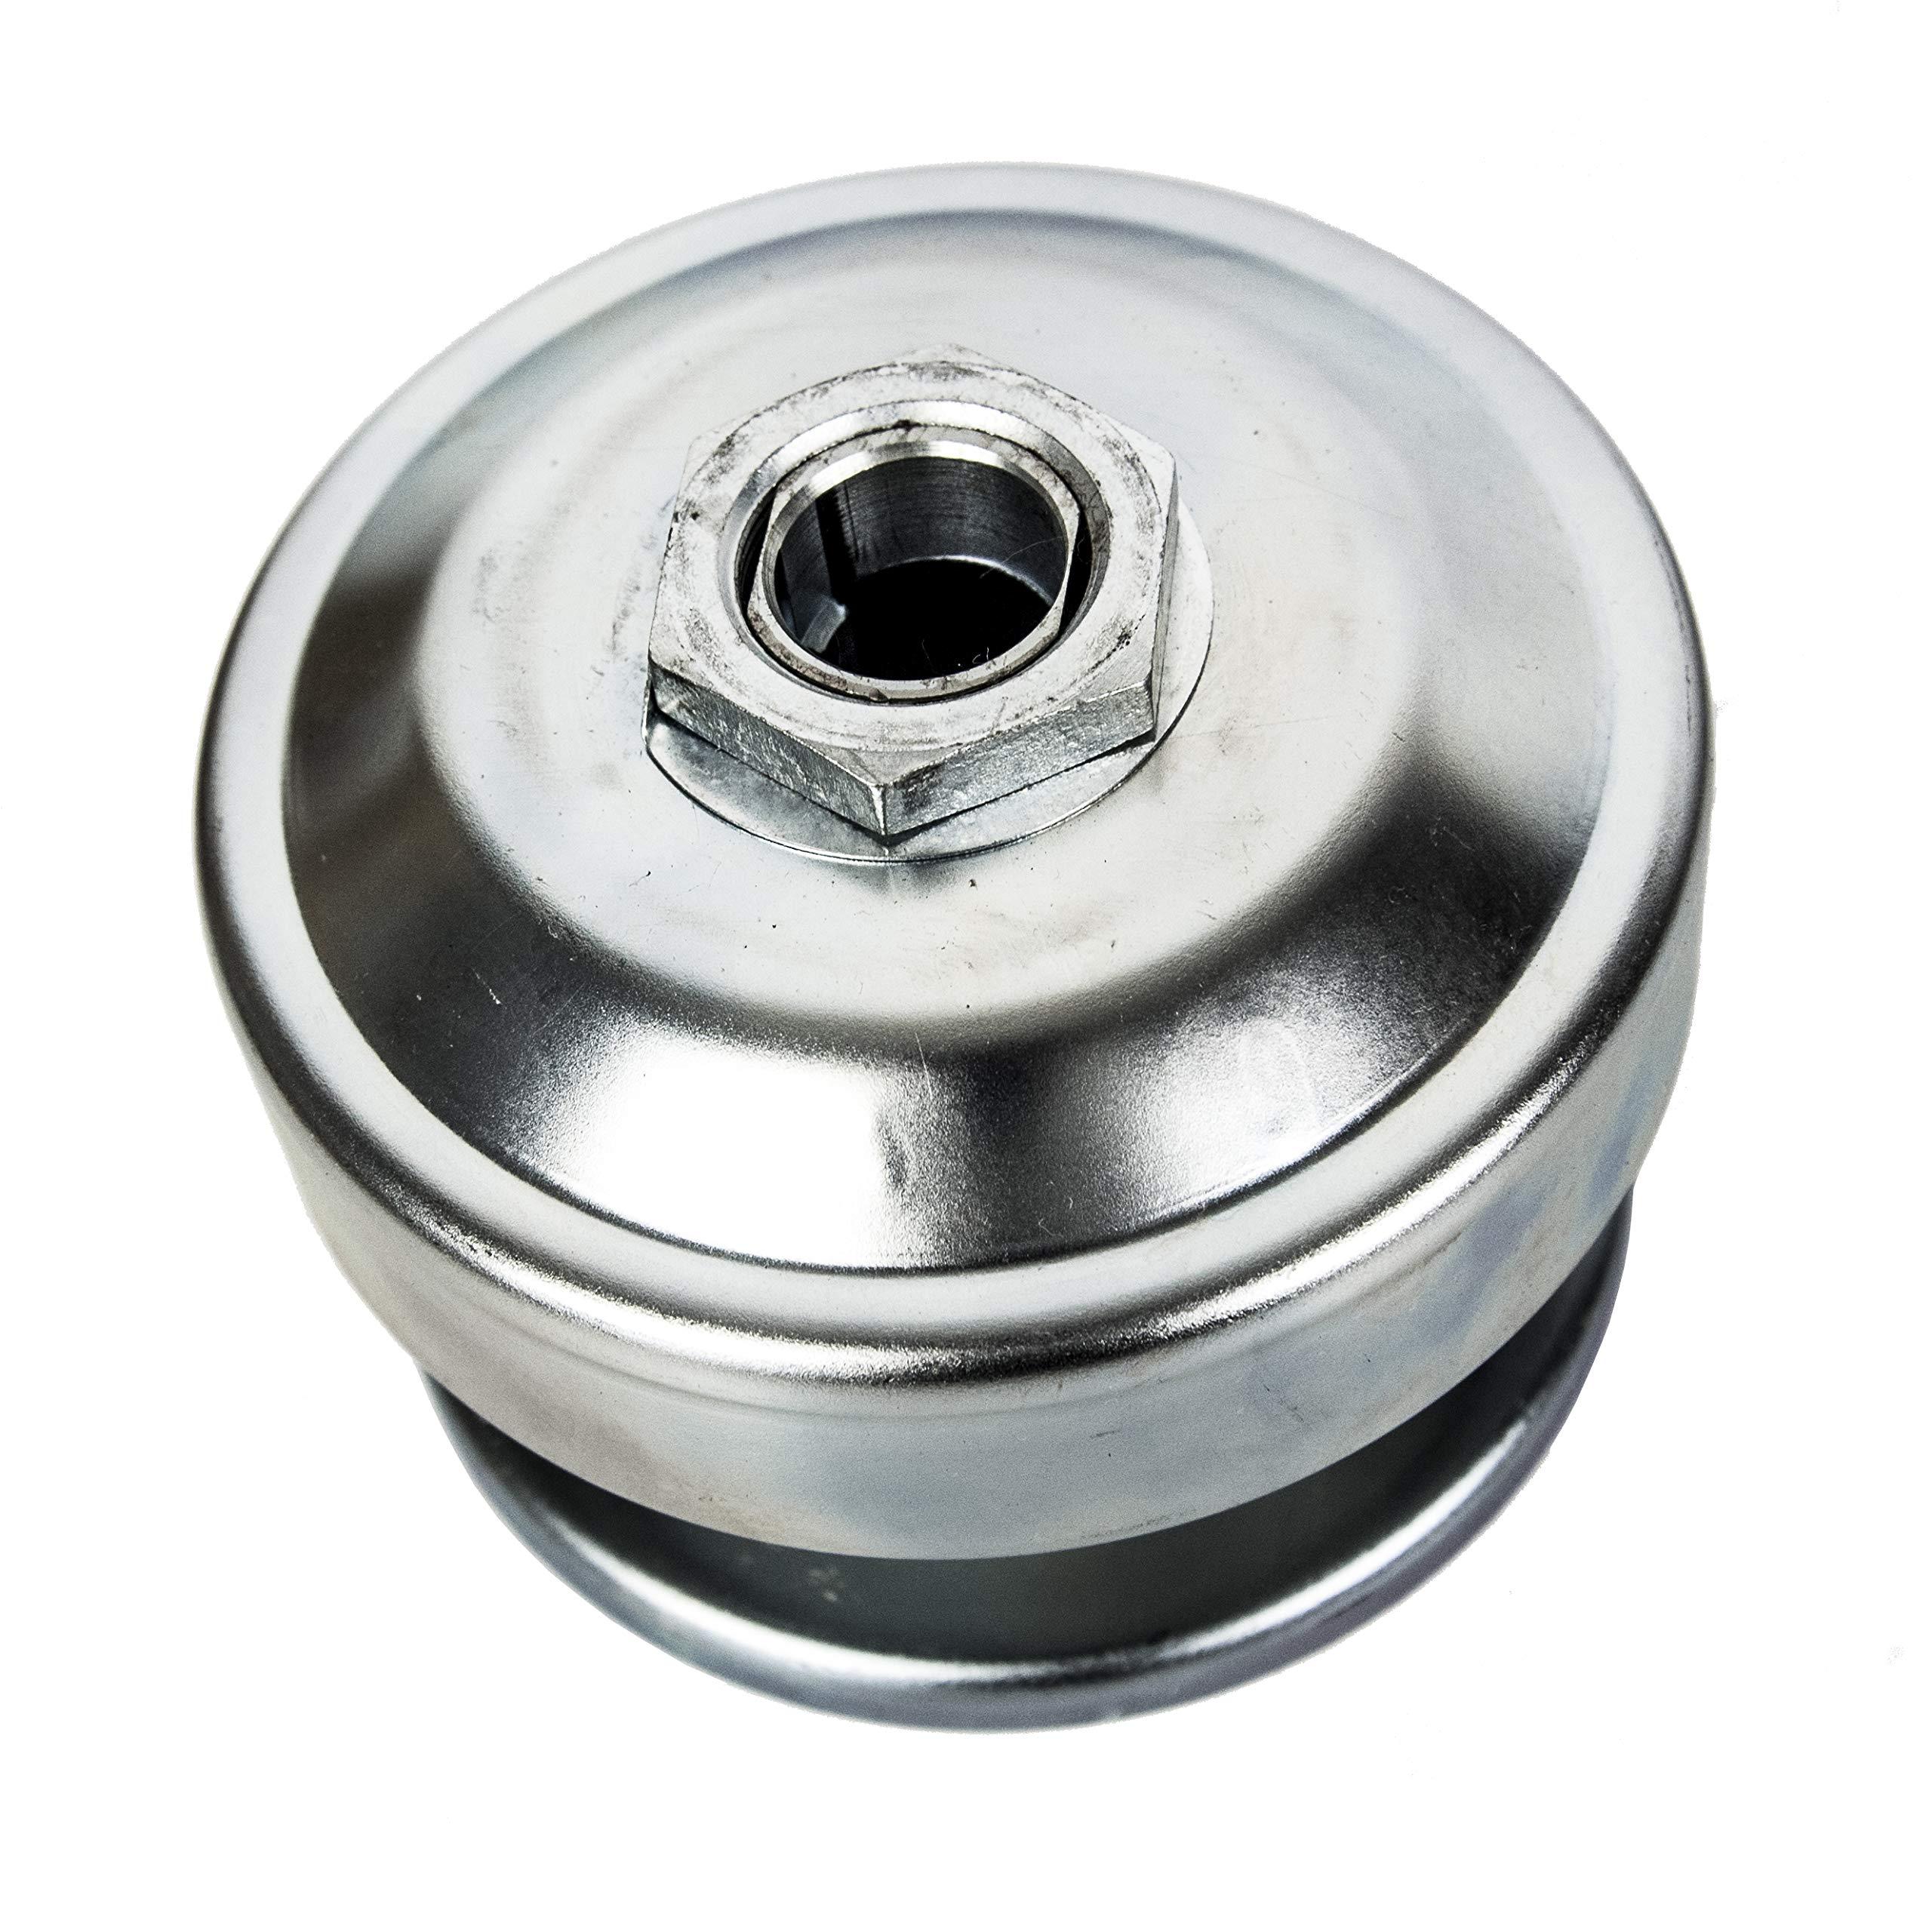 40 Series Torque Converter Driver Clutch 1'' Bore Fits Comet 40/44